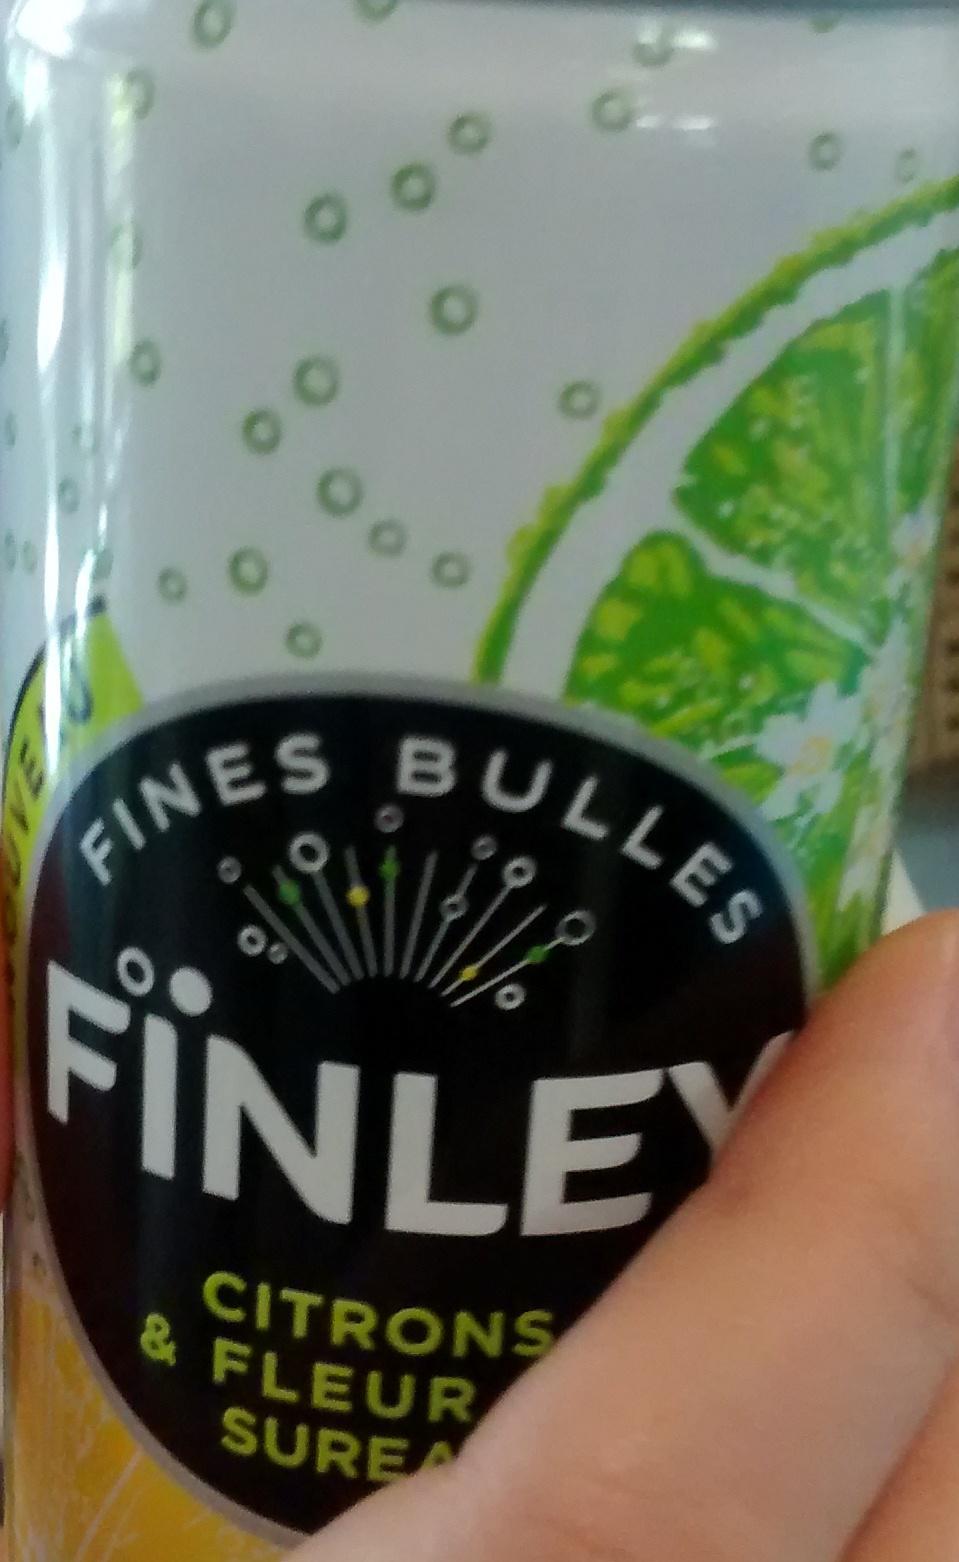 finley citrons & fleur de sureau - 250 ml